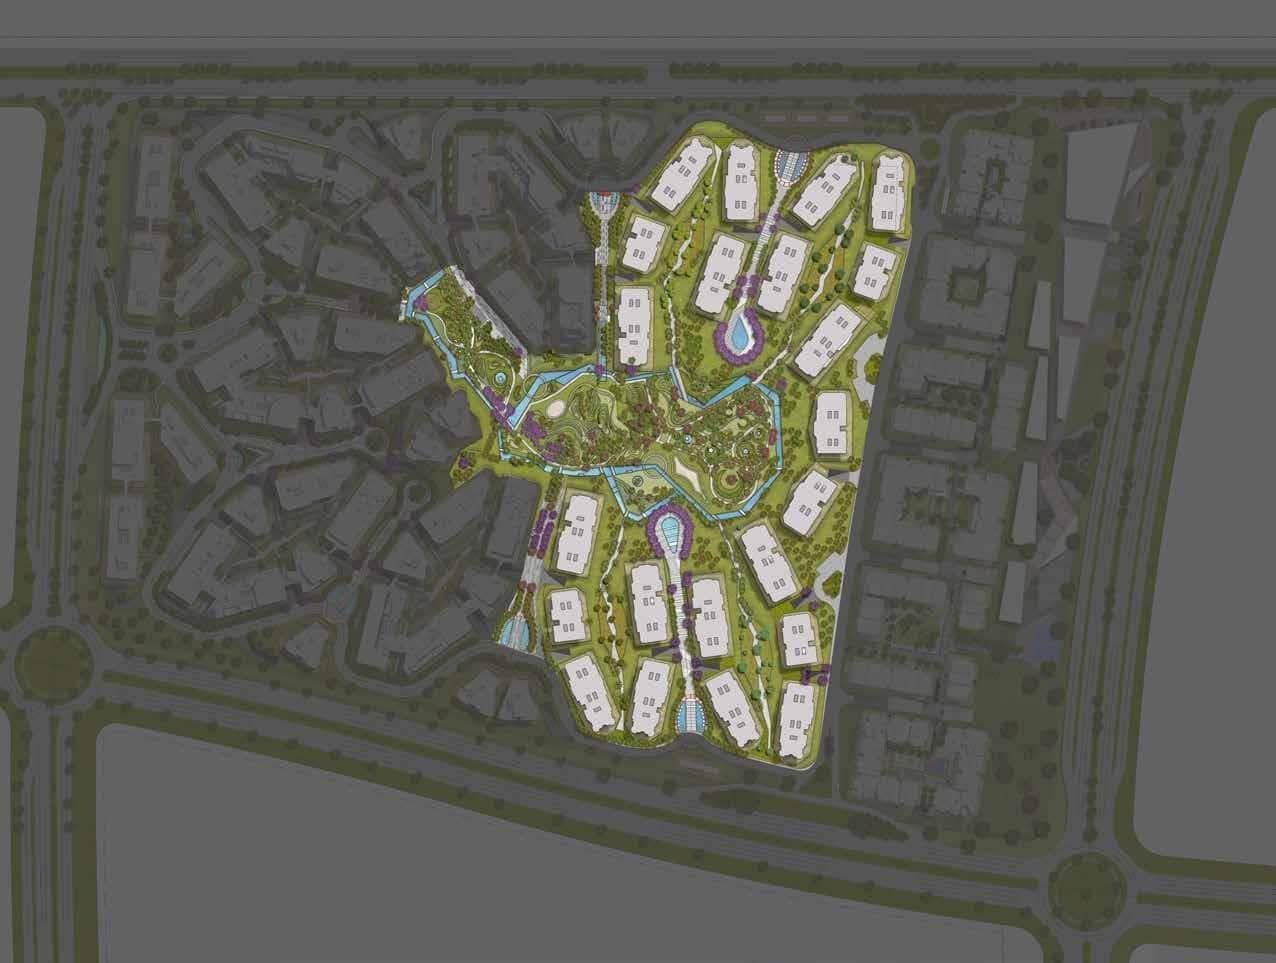 تصميم كمبوند ذا فيوز القاهرة الجديدة